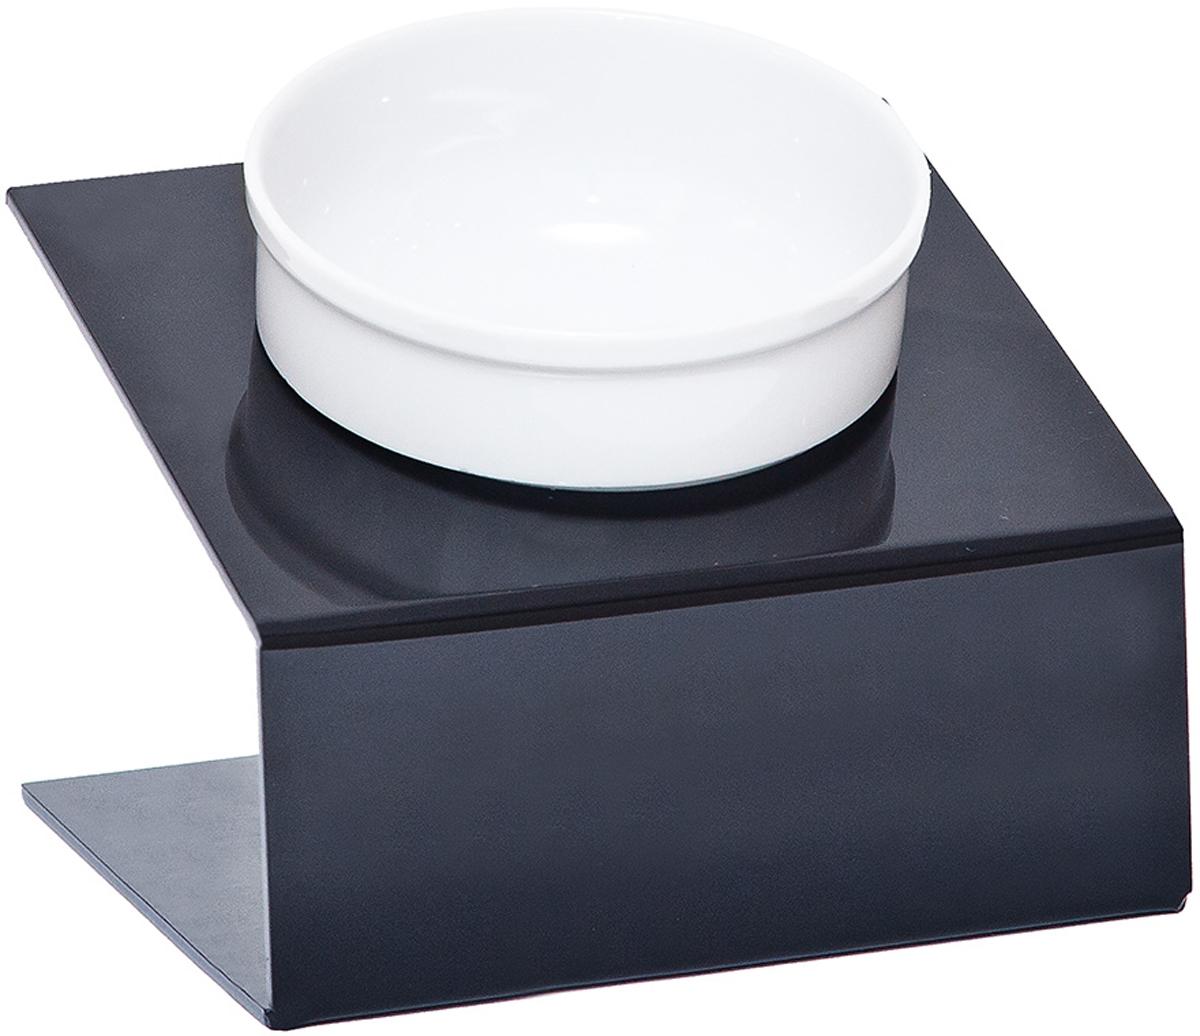 Миска для животных  Artmiska , одинарная, на подставке, цвет: черный, 350 мл